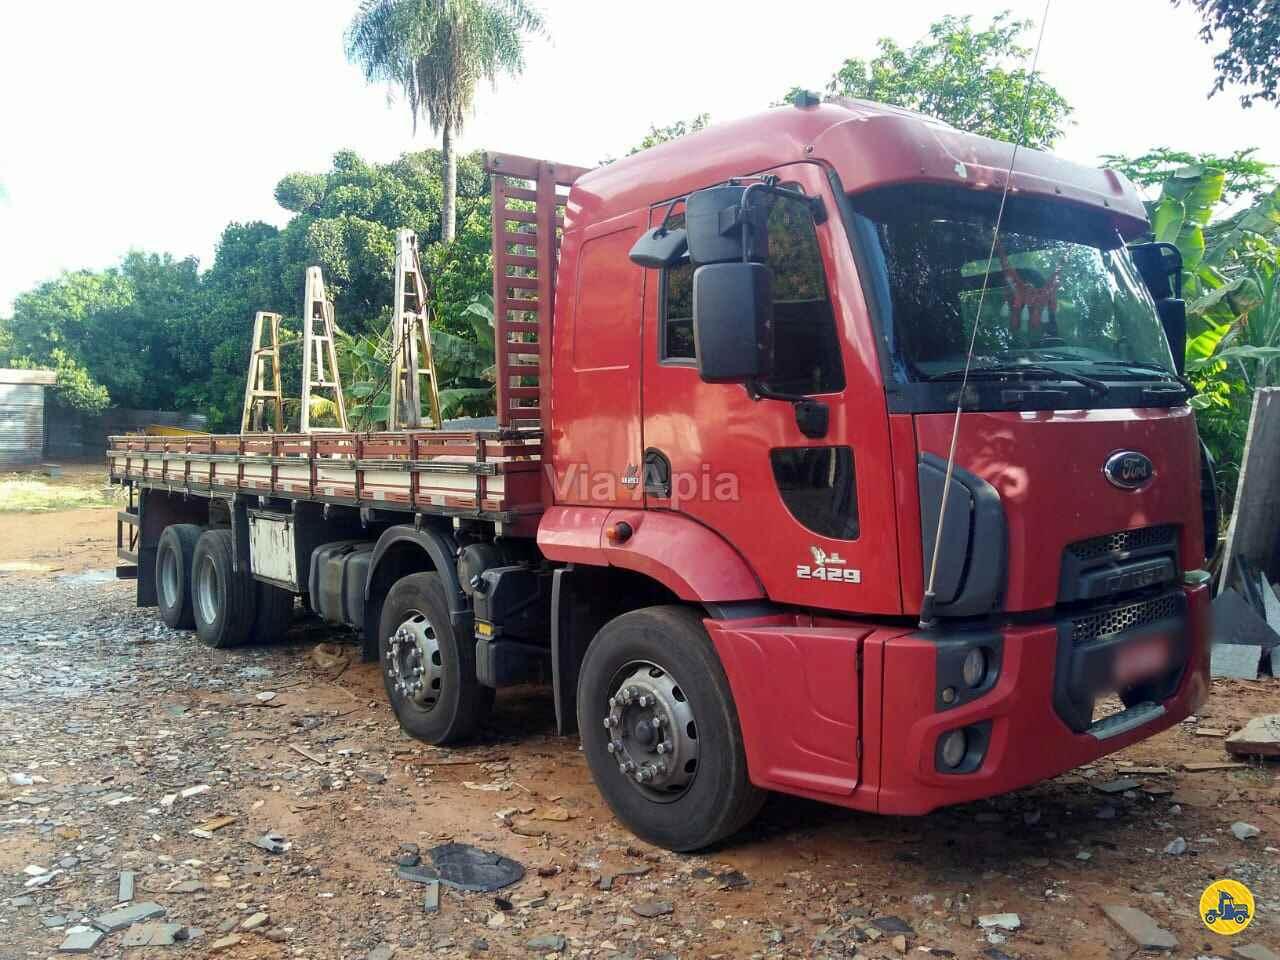 CAMINHAO FORD CARGO 2429 Carga Seca BiTruck 8x2 Via Ápia Caminhões SAO PAULO SÃO PAULO SP